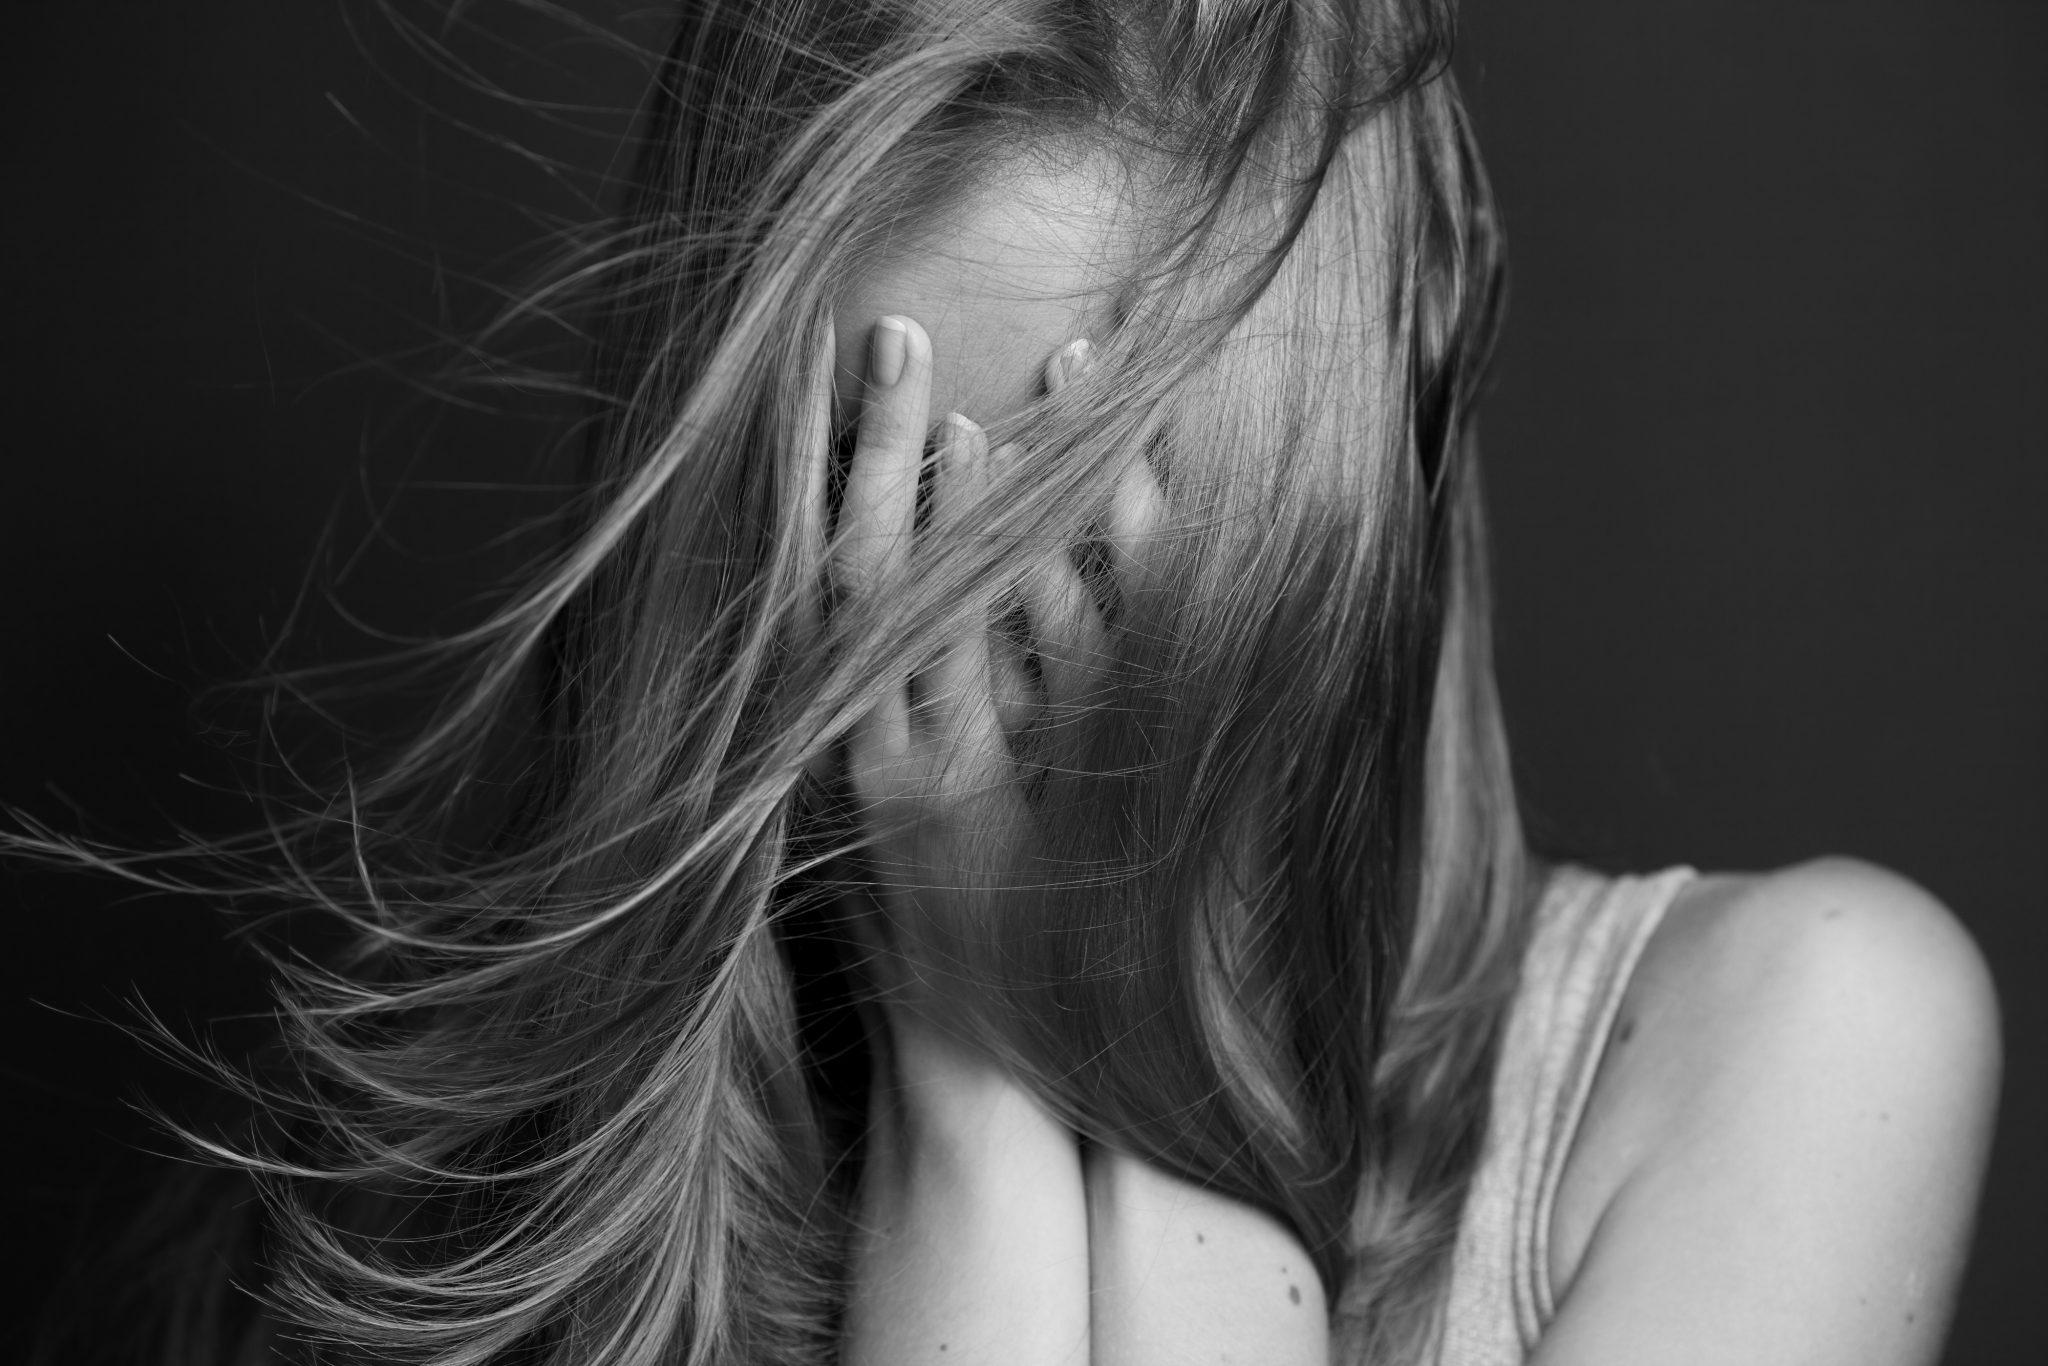 voldtægt er aldrig offerets skyld